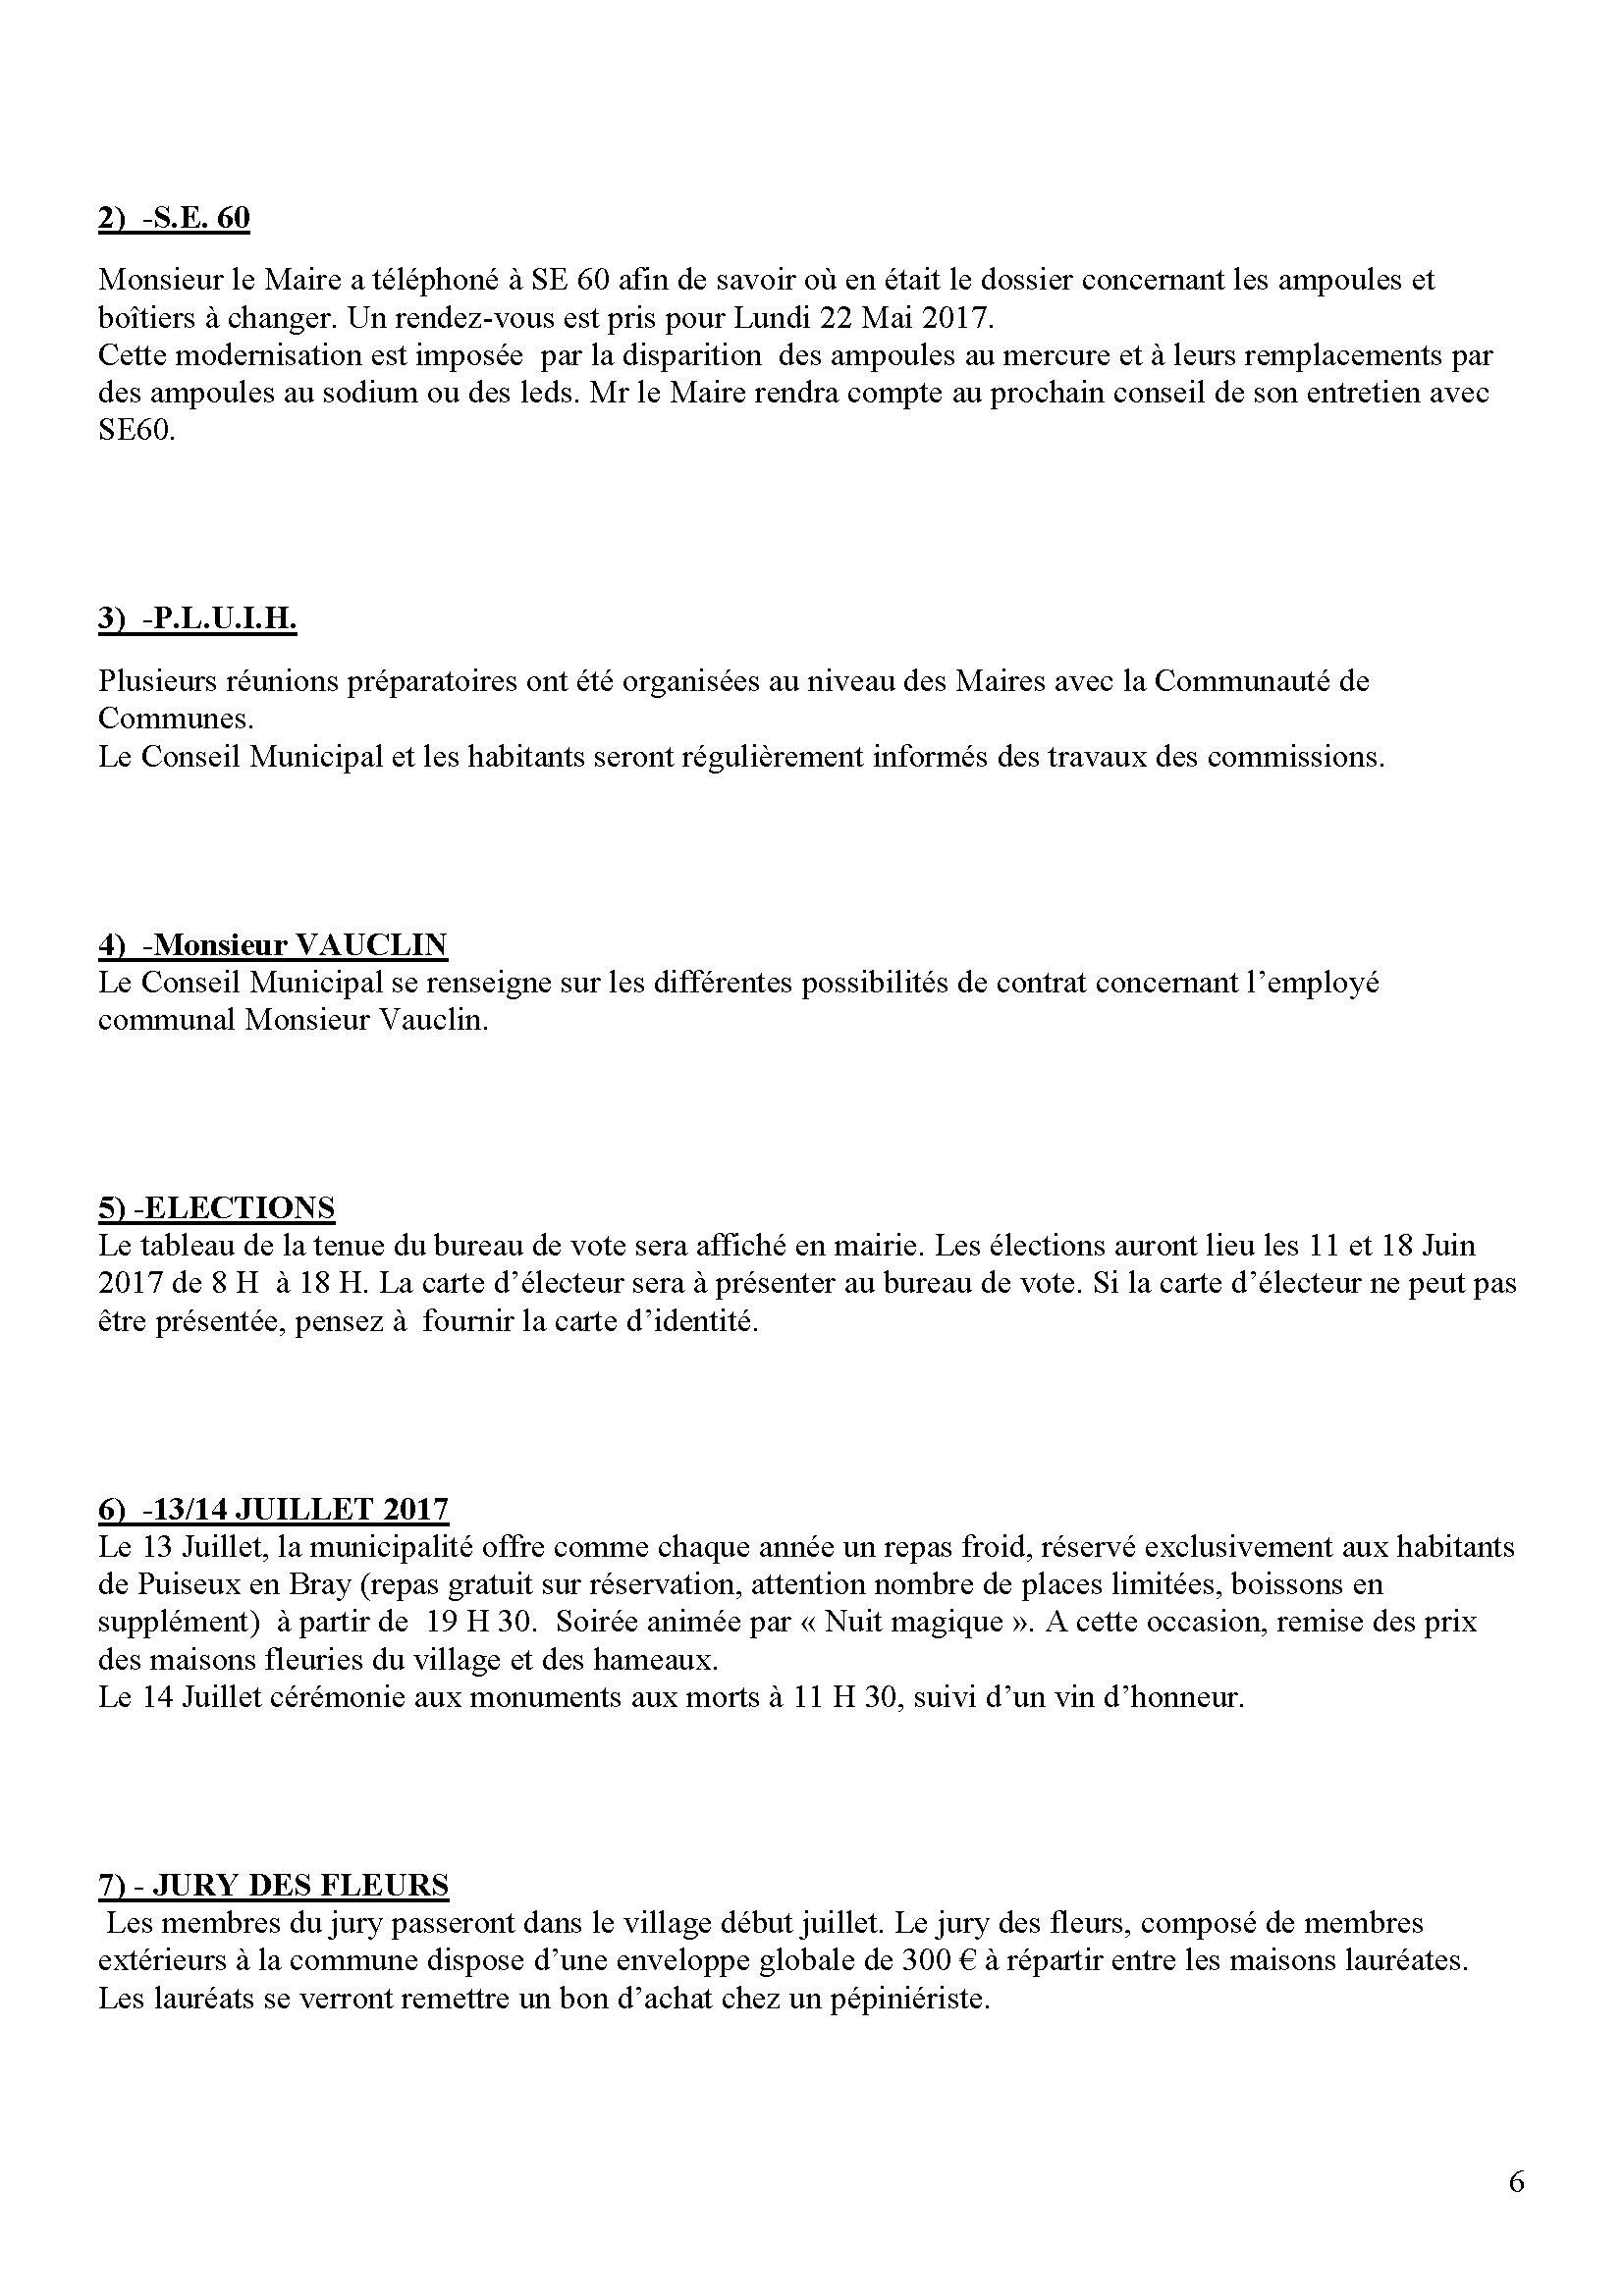 cr-du-19052017-page-6